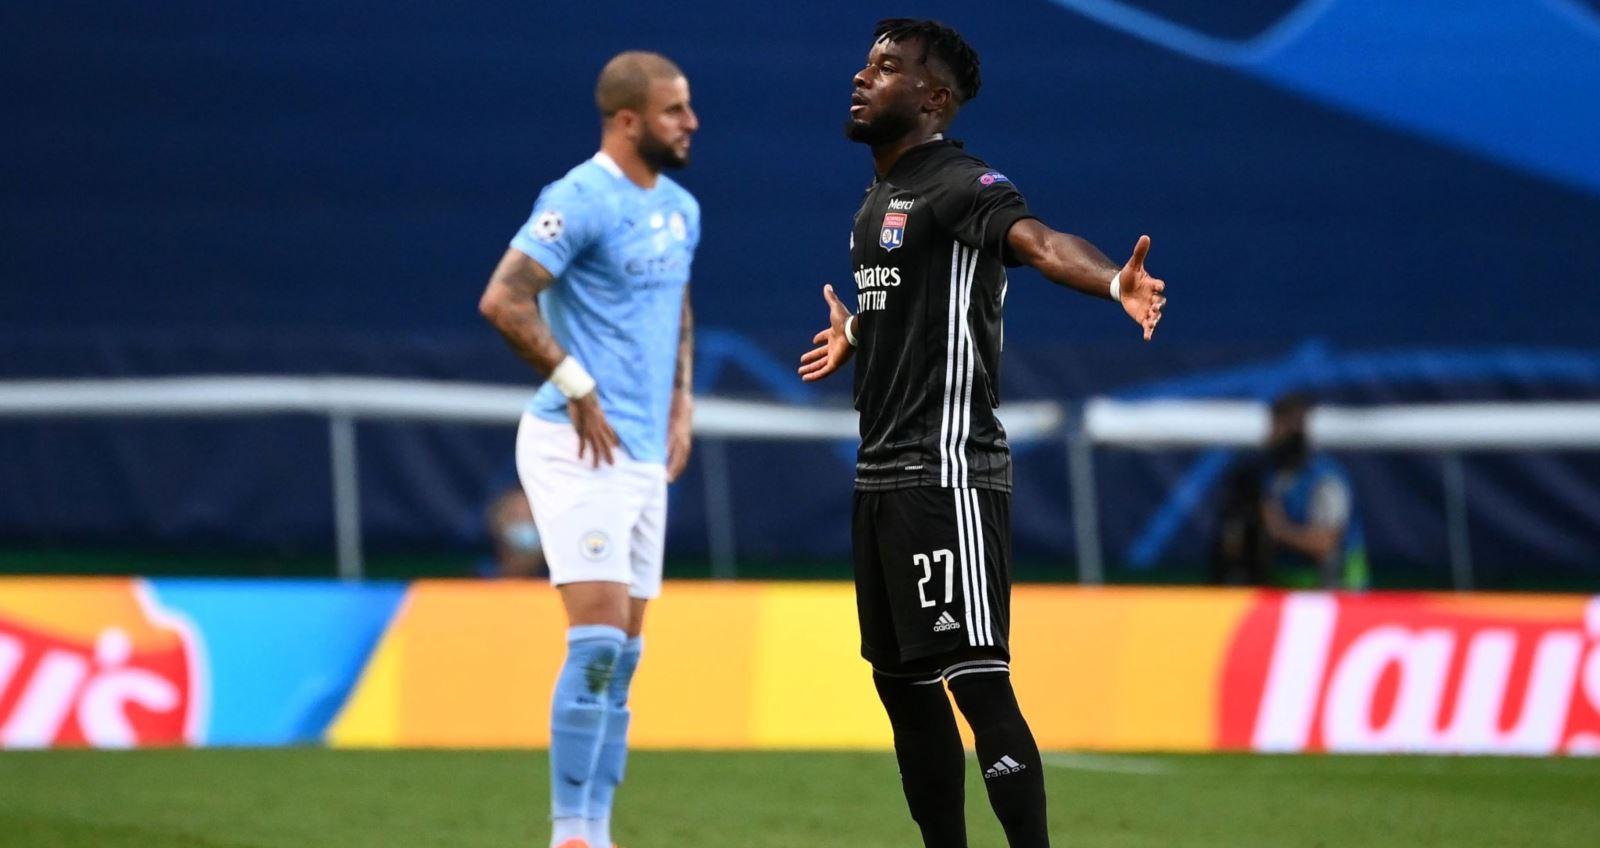 Kết quả bóng đá tứ kết cúp C1/Champions League: Lyon loại Man City